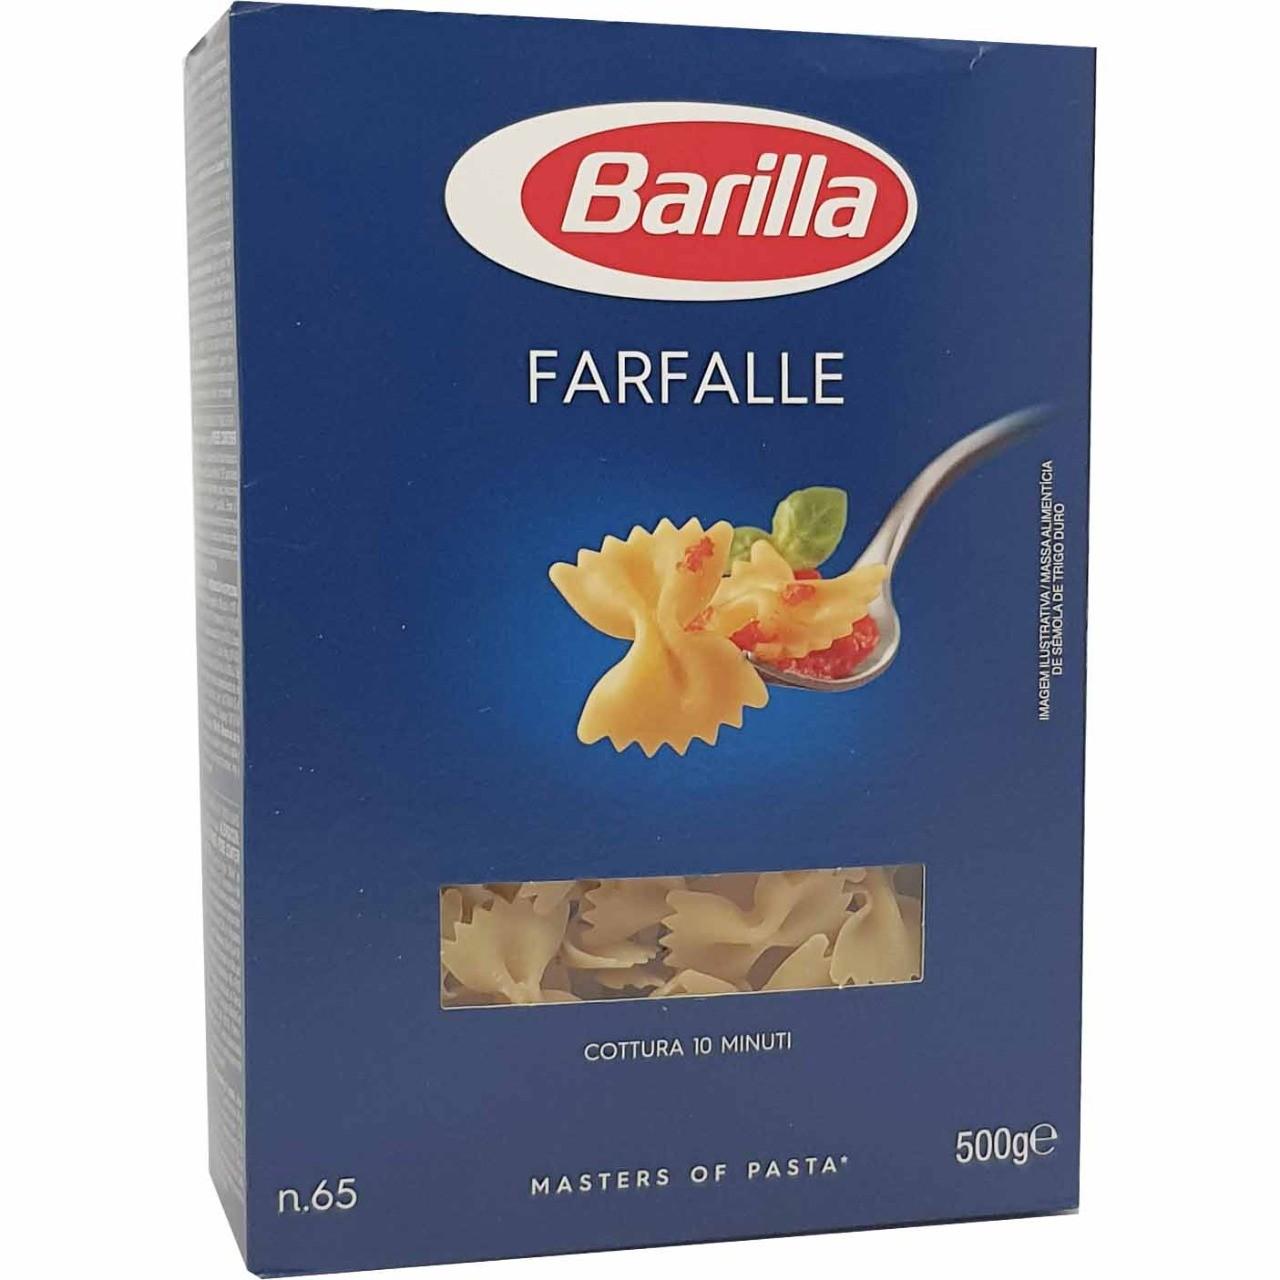 Macarrão Farfalle Barilla - 500g -